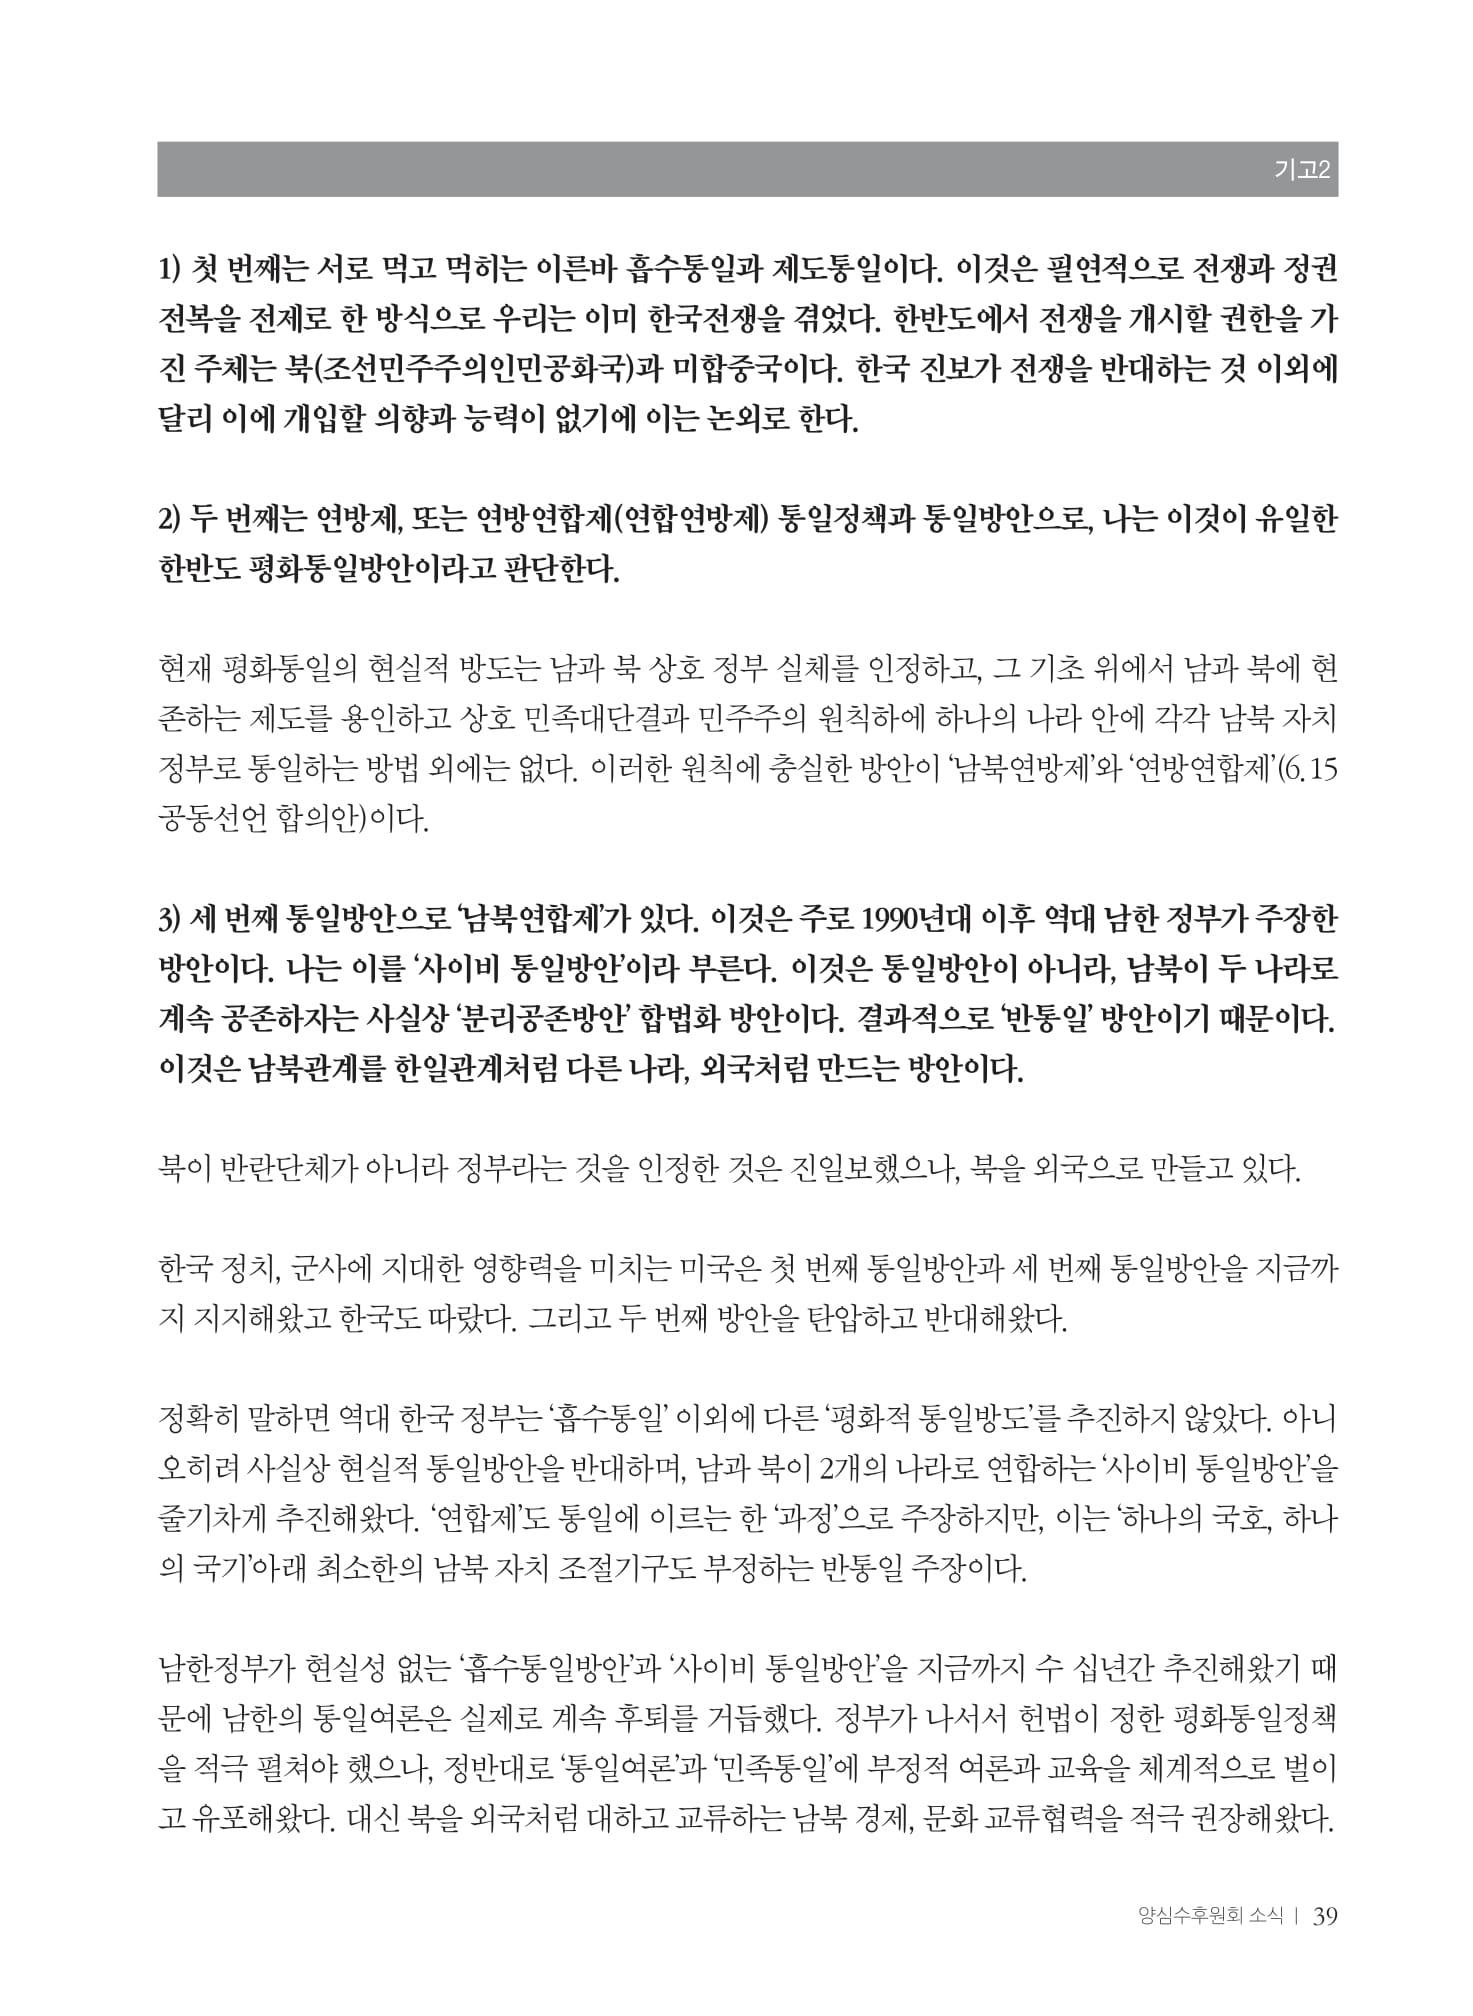 [양심수후원회] 소식지 354호 web 수정-41.jpg